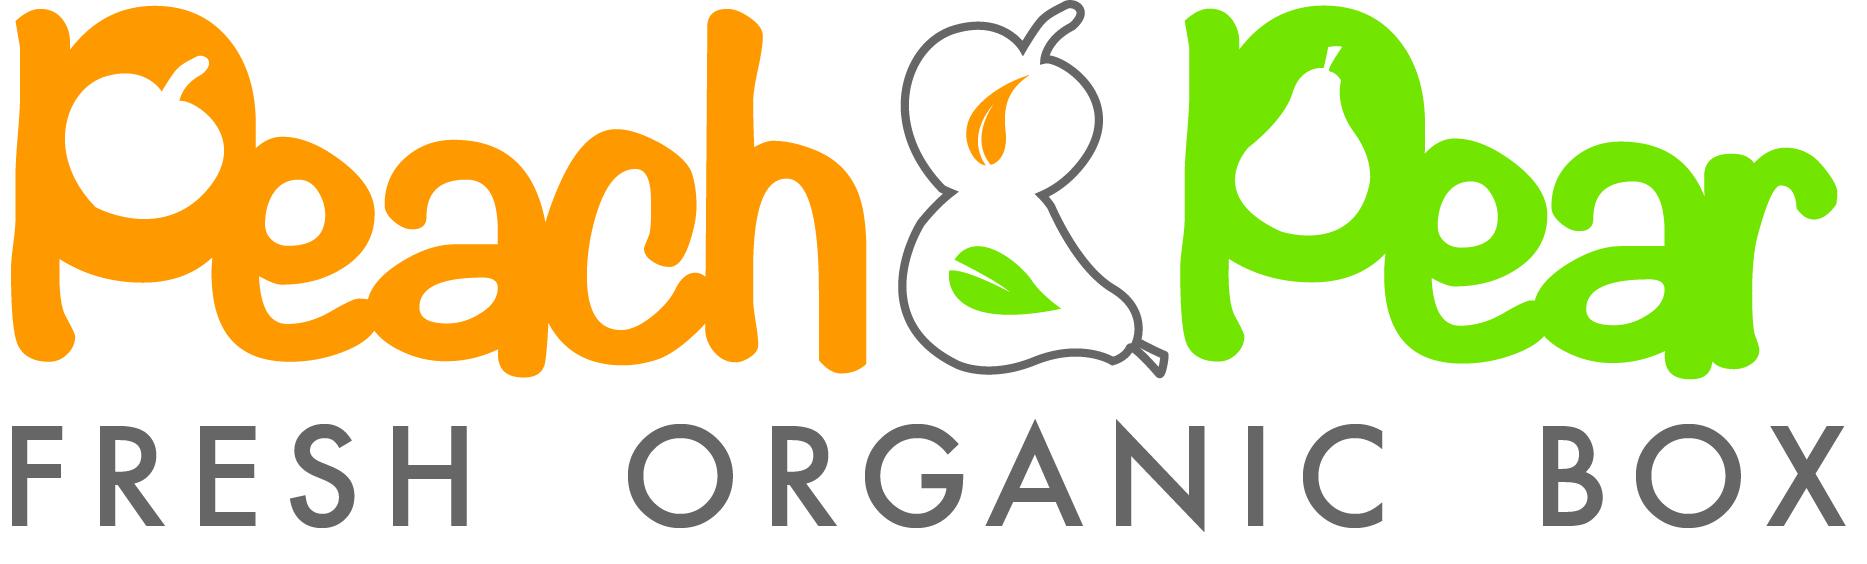 Peach&PearLogo.jpg